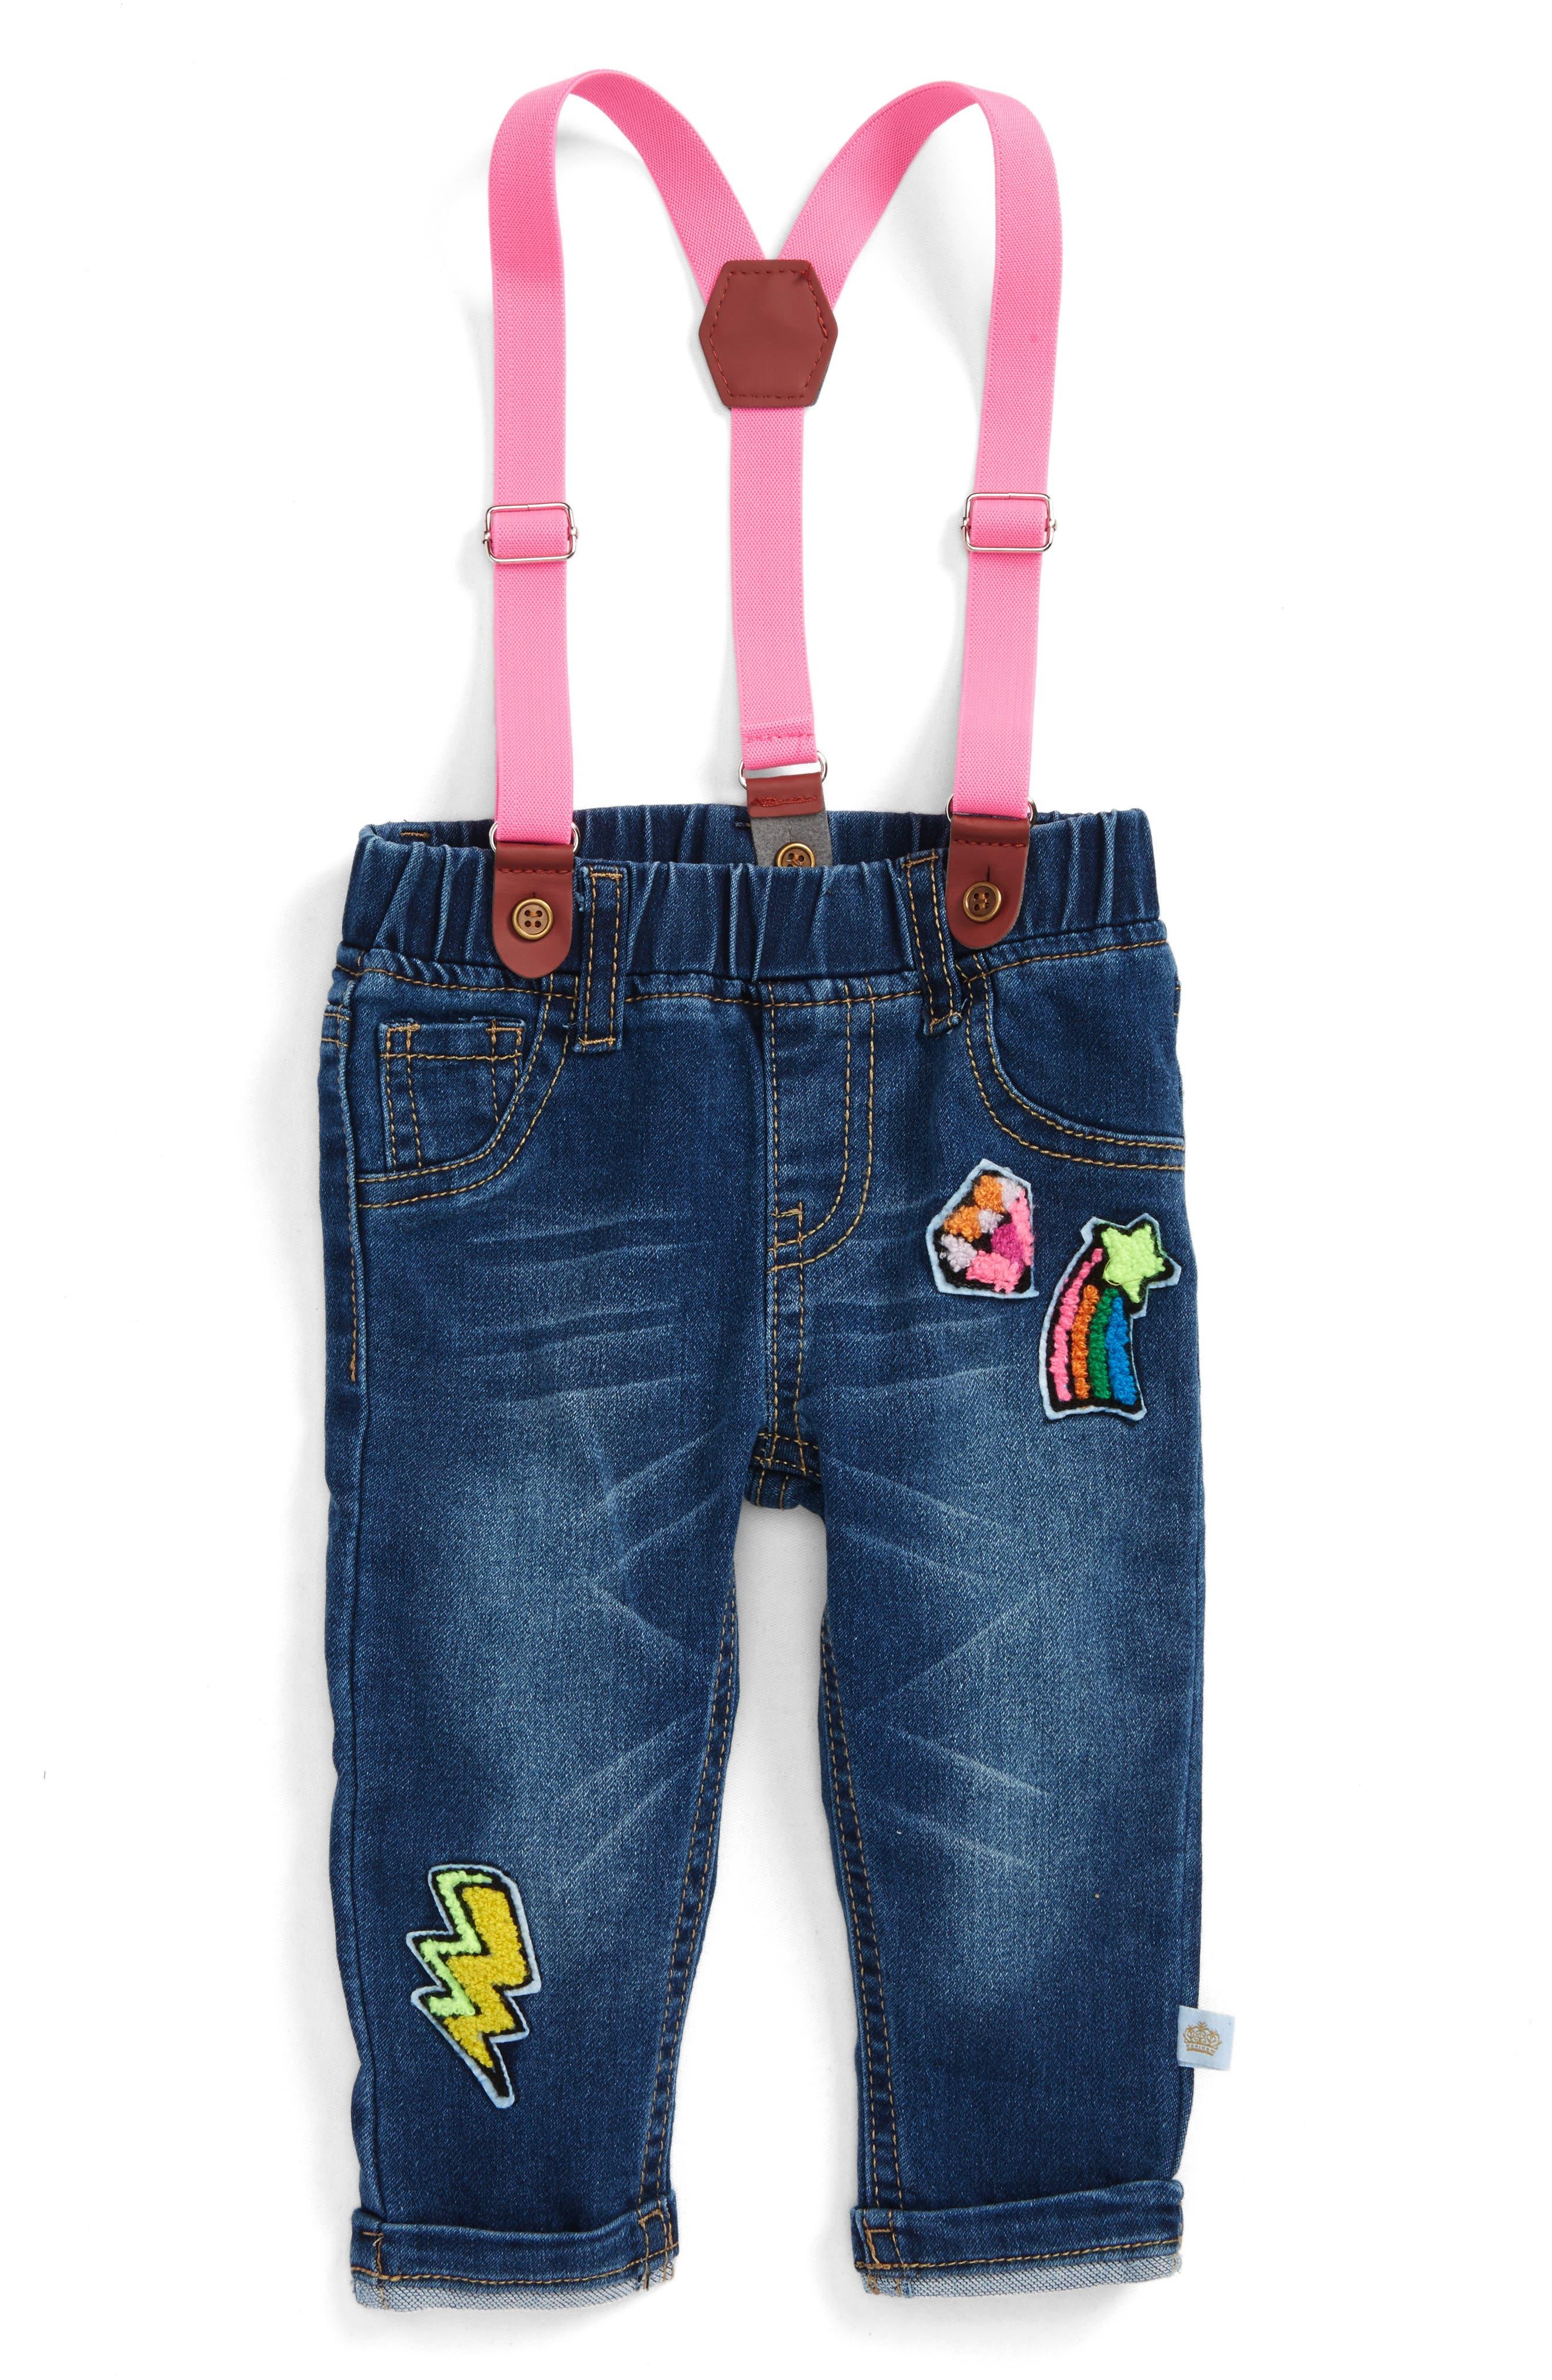 Jeans & Suspenders Set,                             Main thumbnail 1, color,                             420